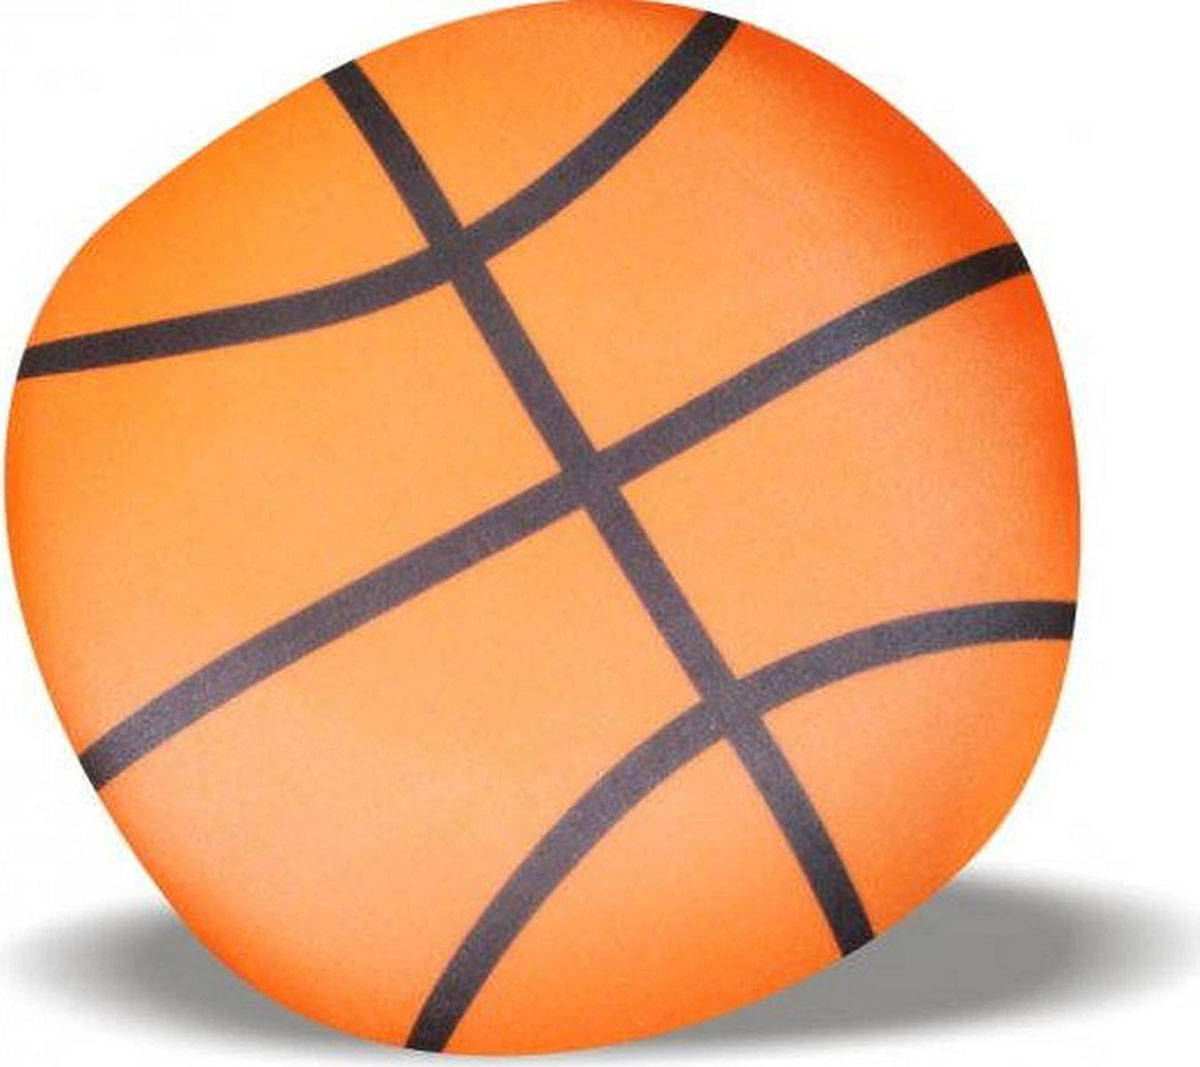 Подушка-игрушка Штучки, к которым тянутся ручки антистресс Мяч, баскетбольный, оранжевый игрушка антистресс штучки к которым тянутся ручки лиса открытка в ассортименте 18асо03ив